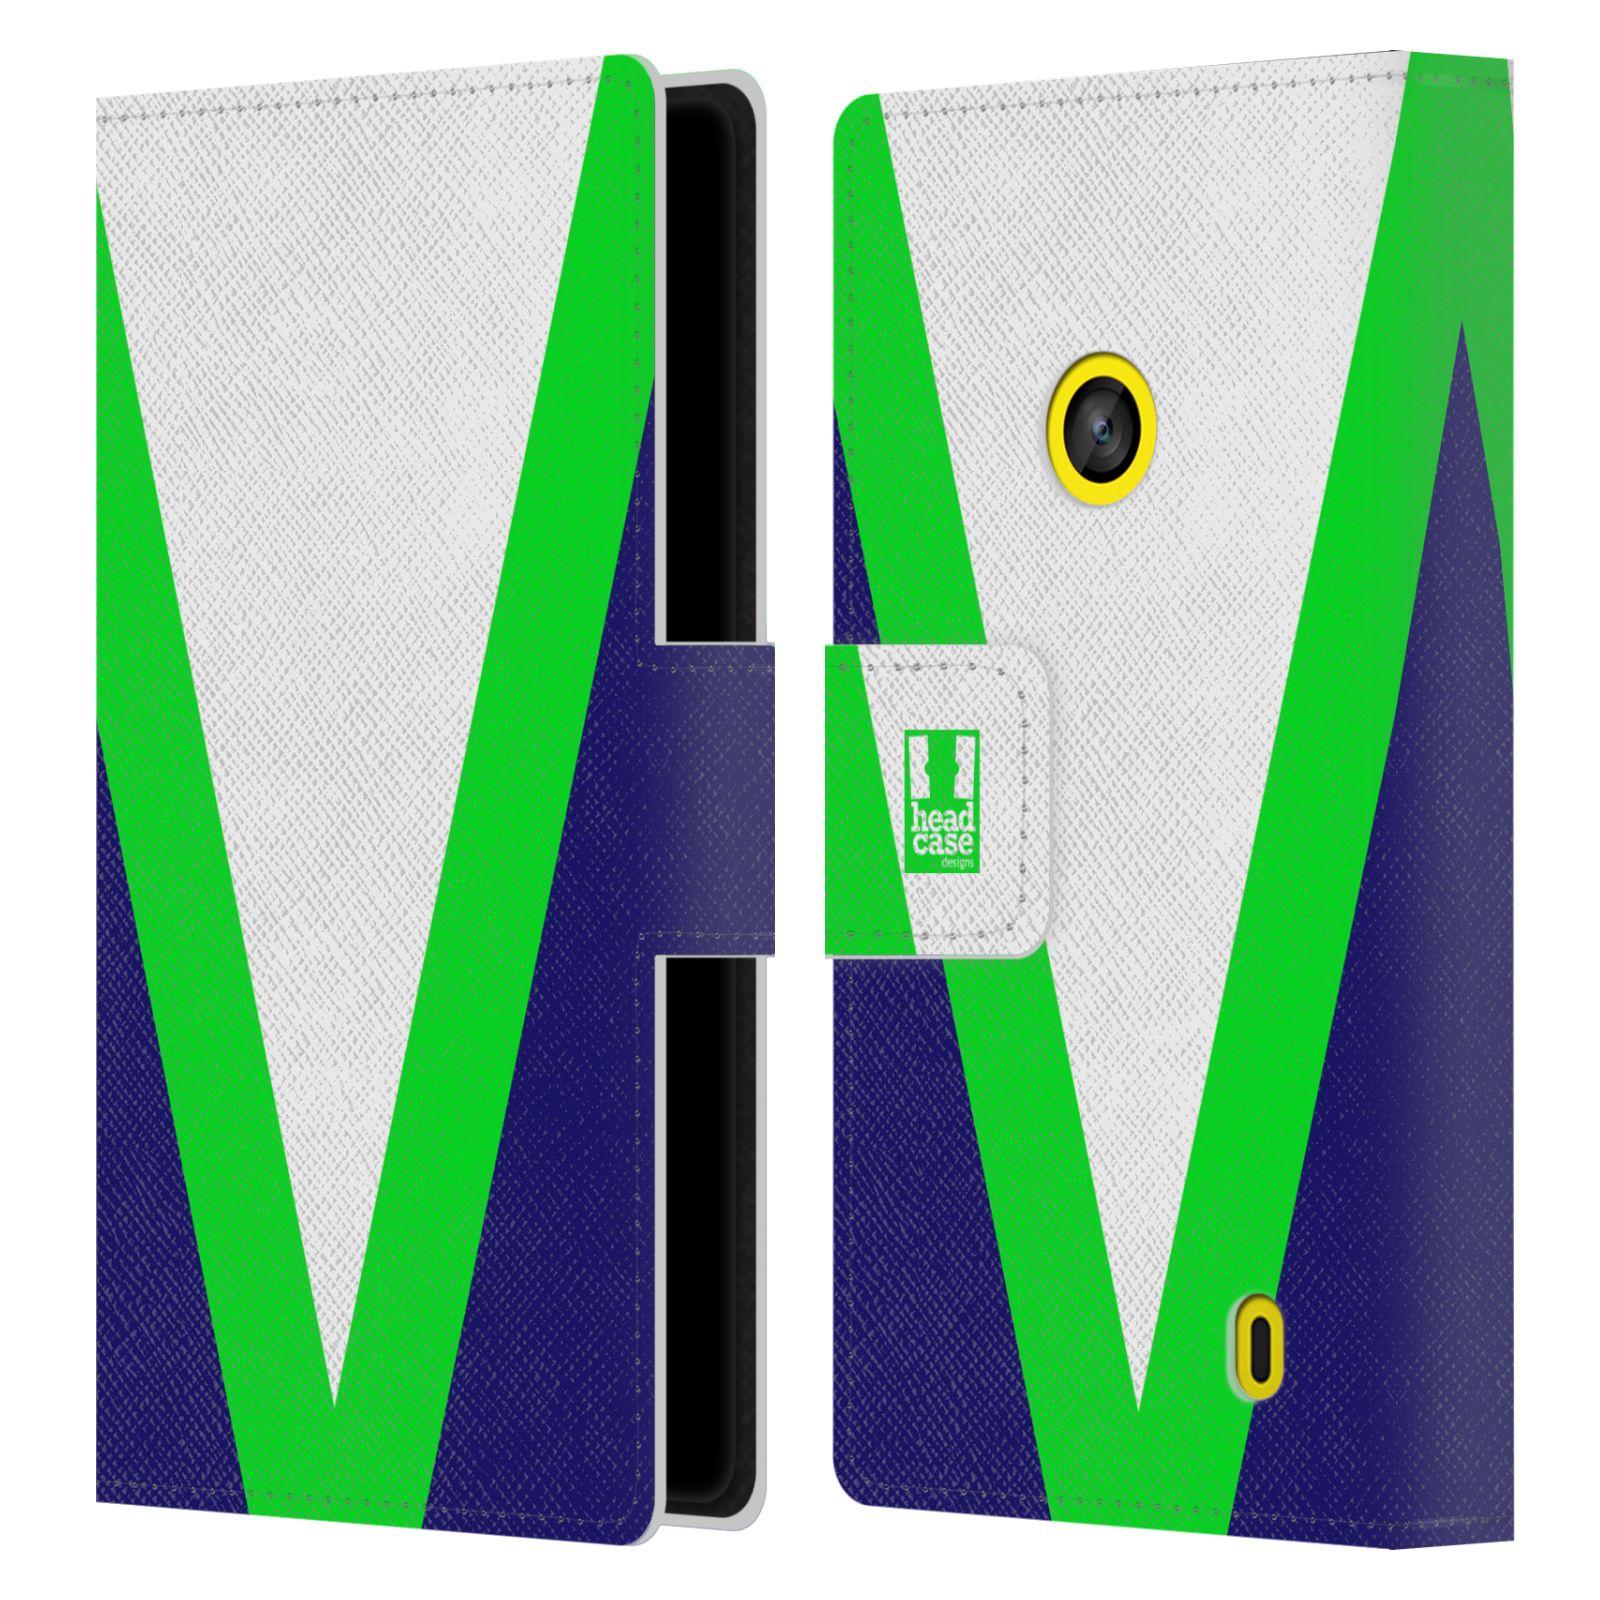 HEAD CASE Flipové pouzdro pro mobil Nokia LUMIA 520/525 barevné tvary zelená a modrá